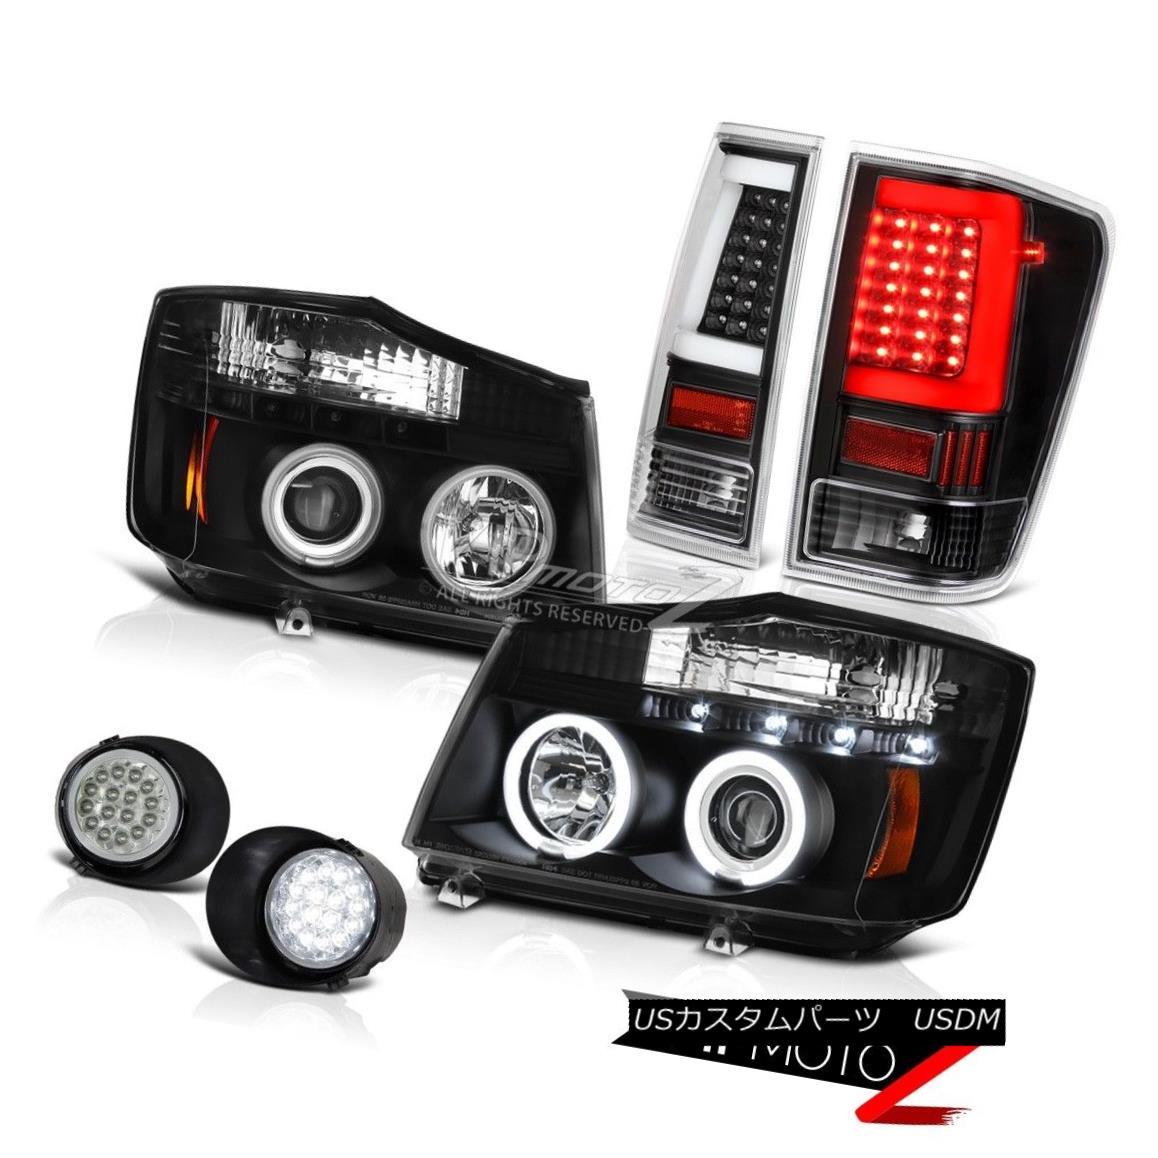 ヘッドライト 04 05 06-14 For Nissan Titan Led Spot Matte Black Fiber Optic Rear Head Lamps 04 05 06-14日産タイタン用スポットライトマットブラックファイバーオプティカルリアヘッドランプ